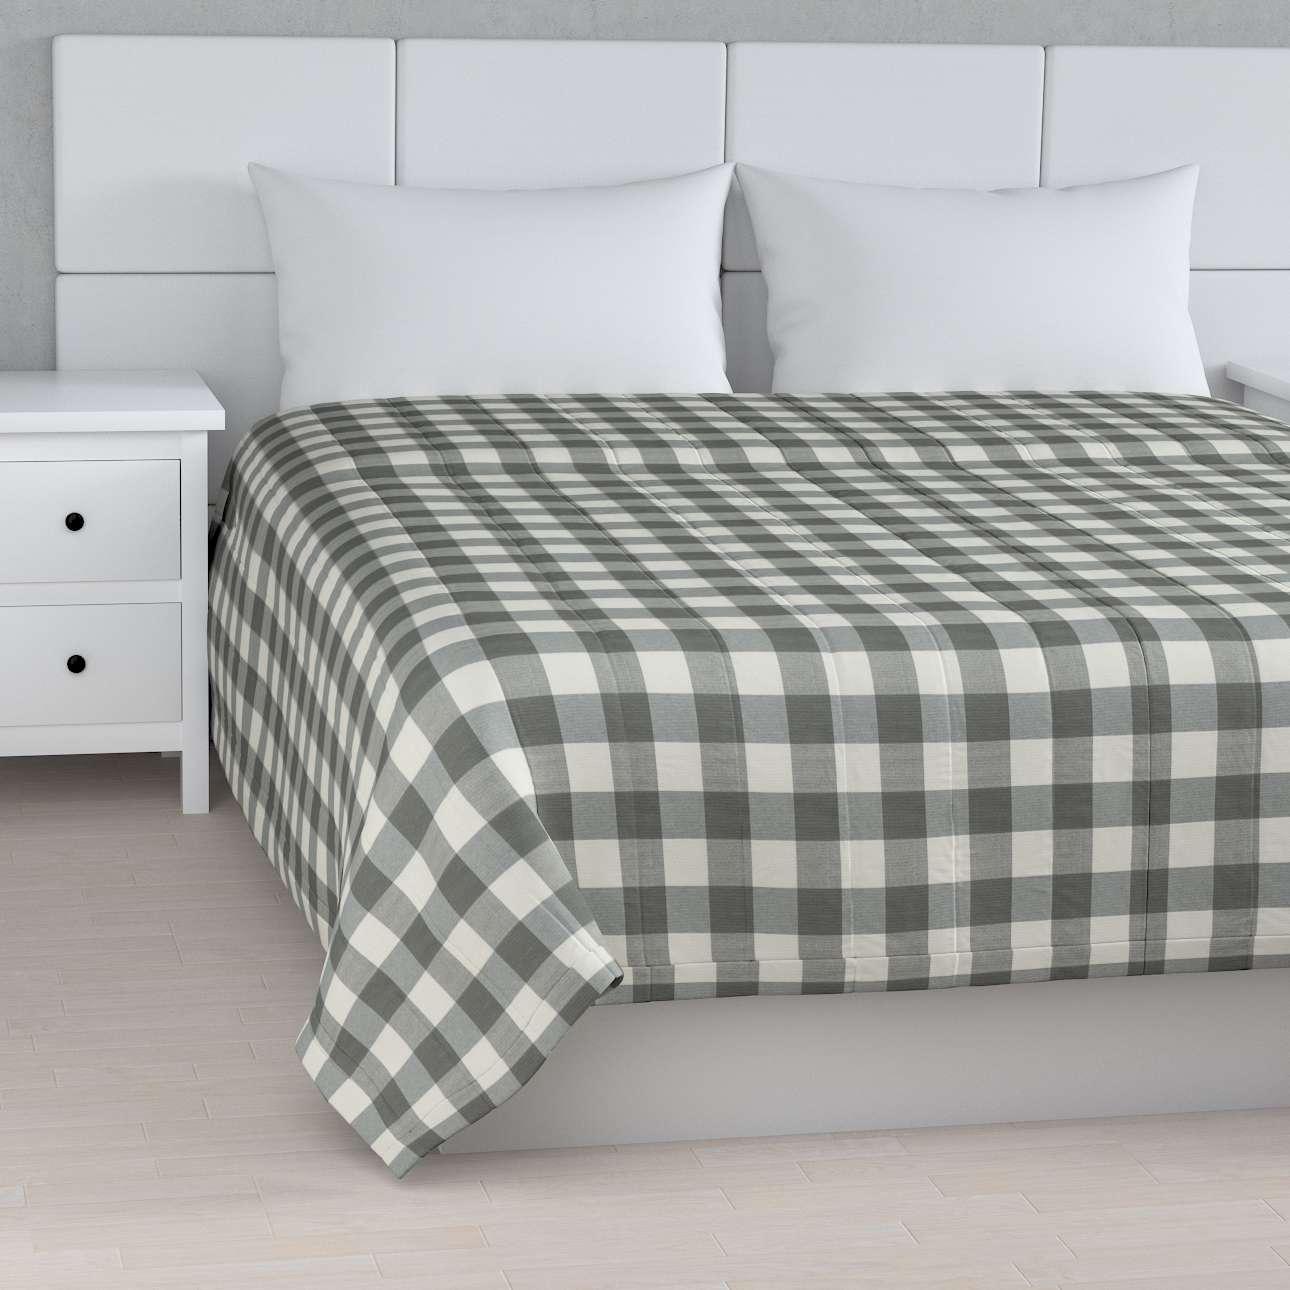 Tagesdecke mit Streifen-Steppung von der Kollektion Quadro, Stoff: 136-13